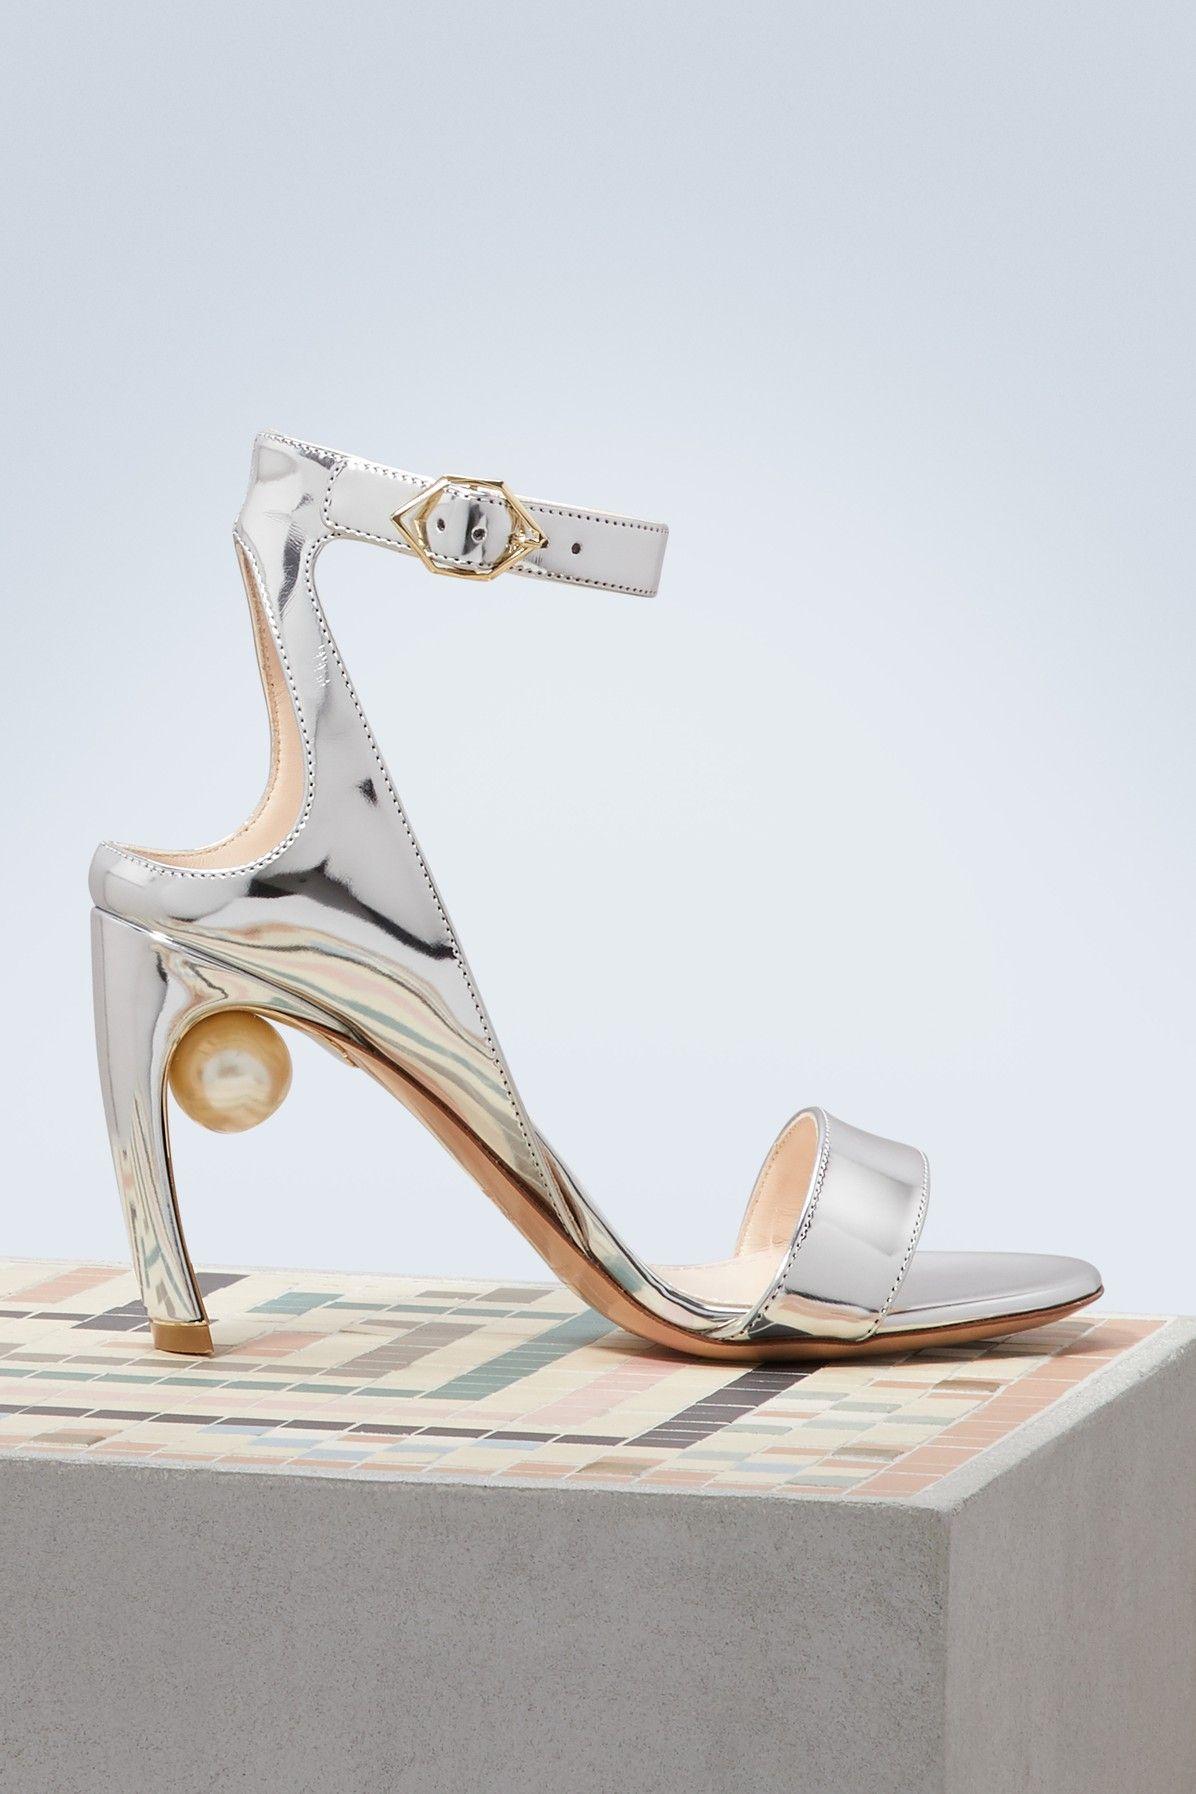 Lola pearl sandals - Blue Nicholas Kirkwood p0QHXGr